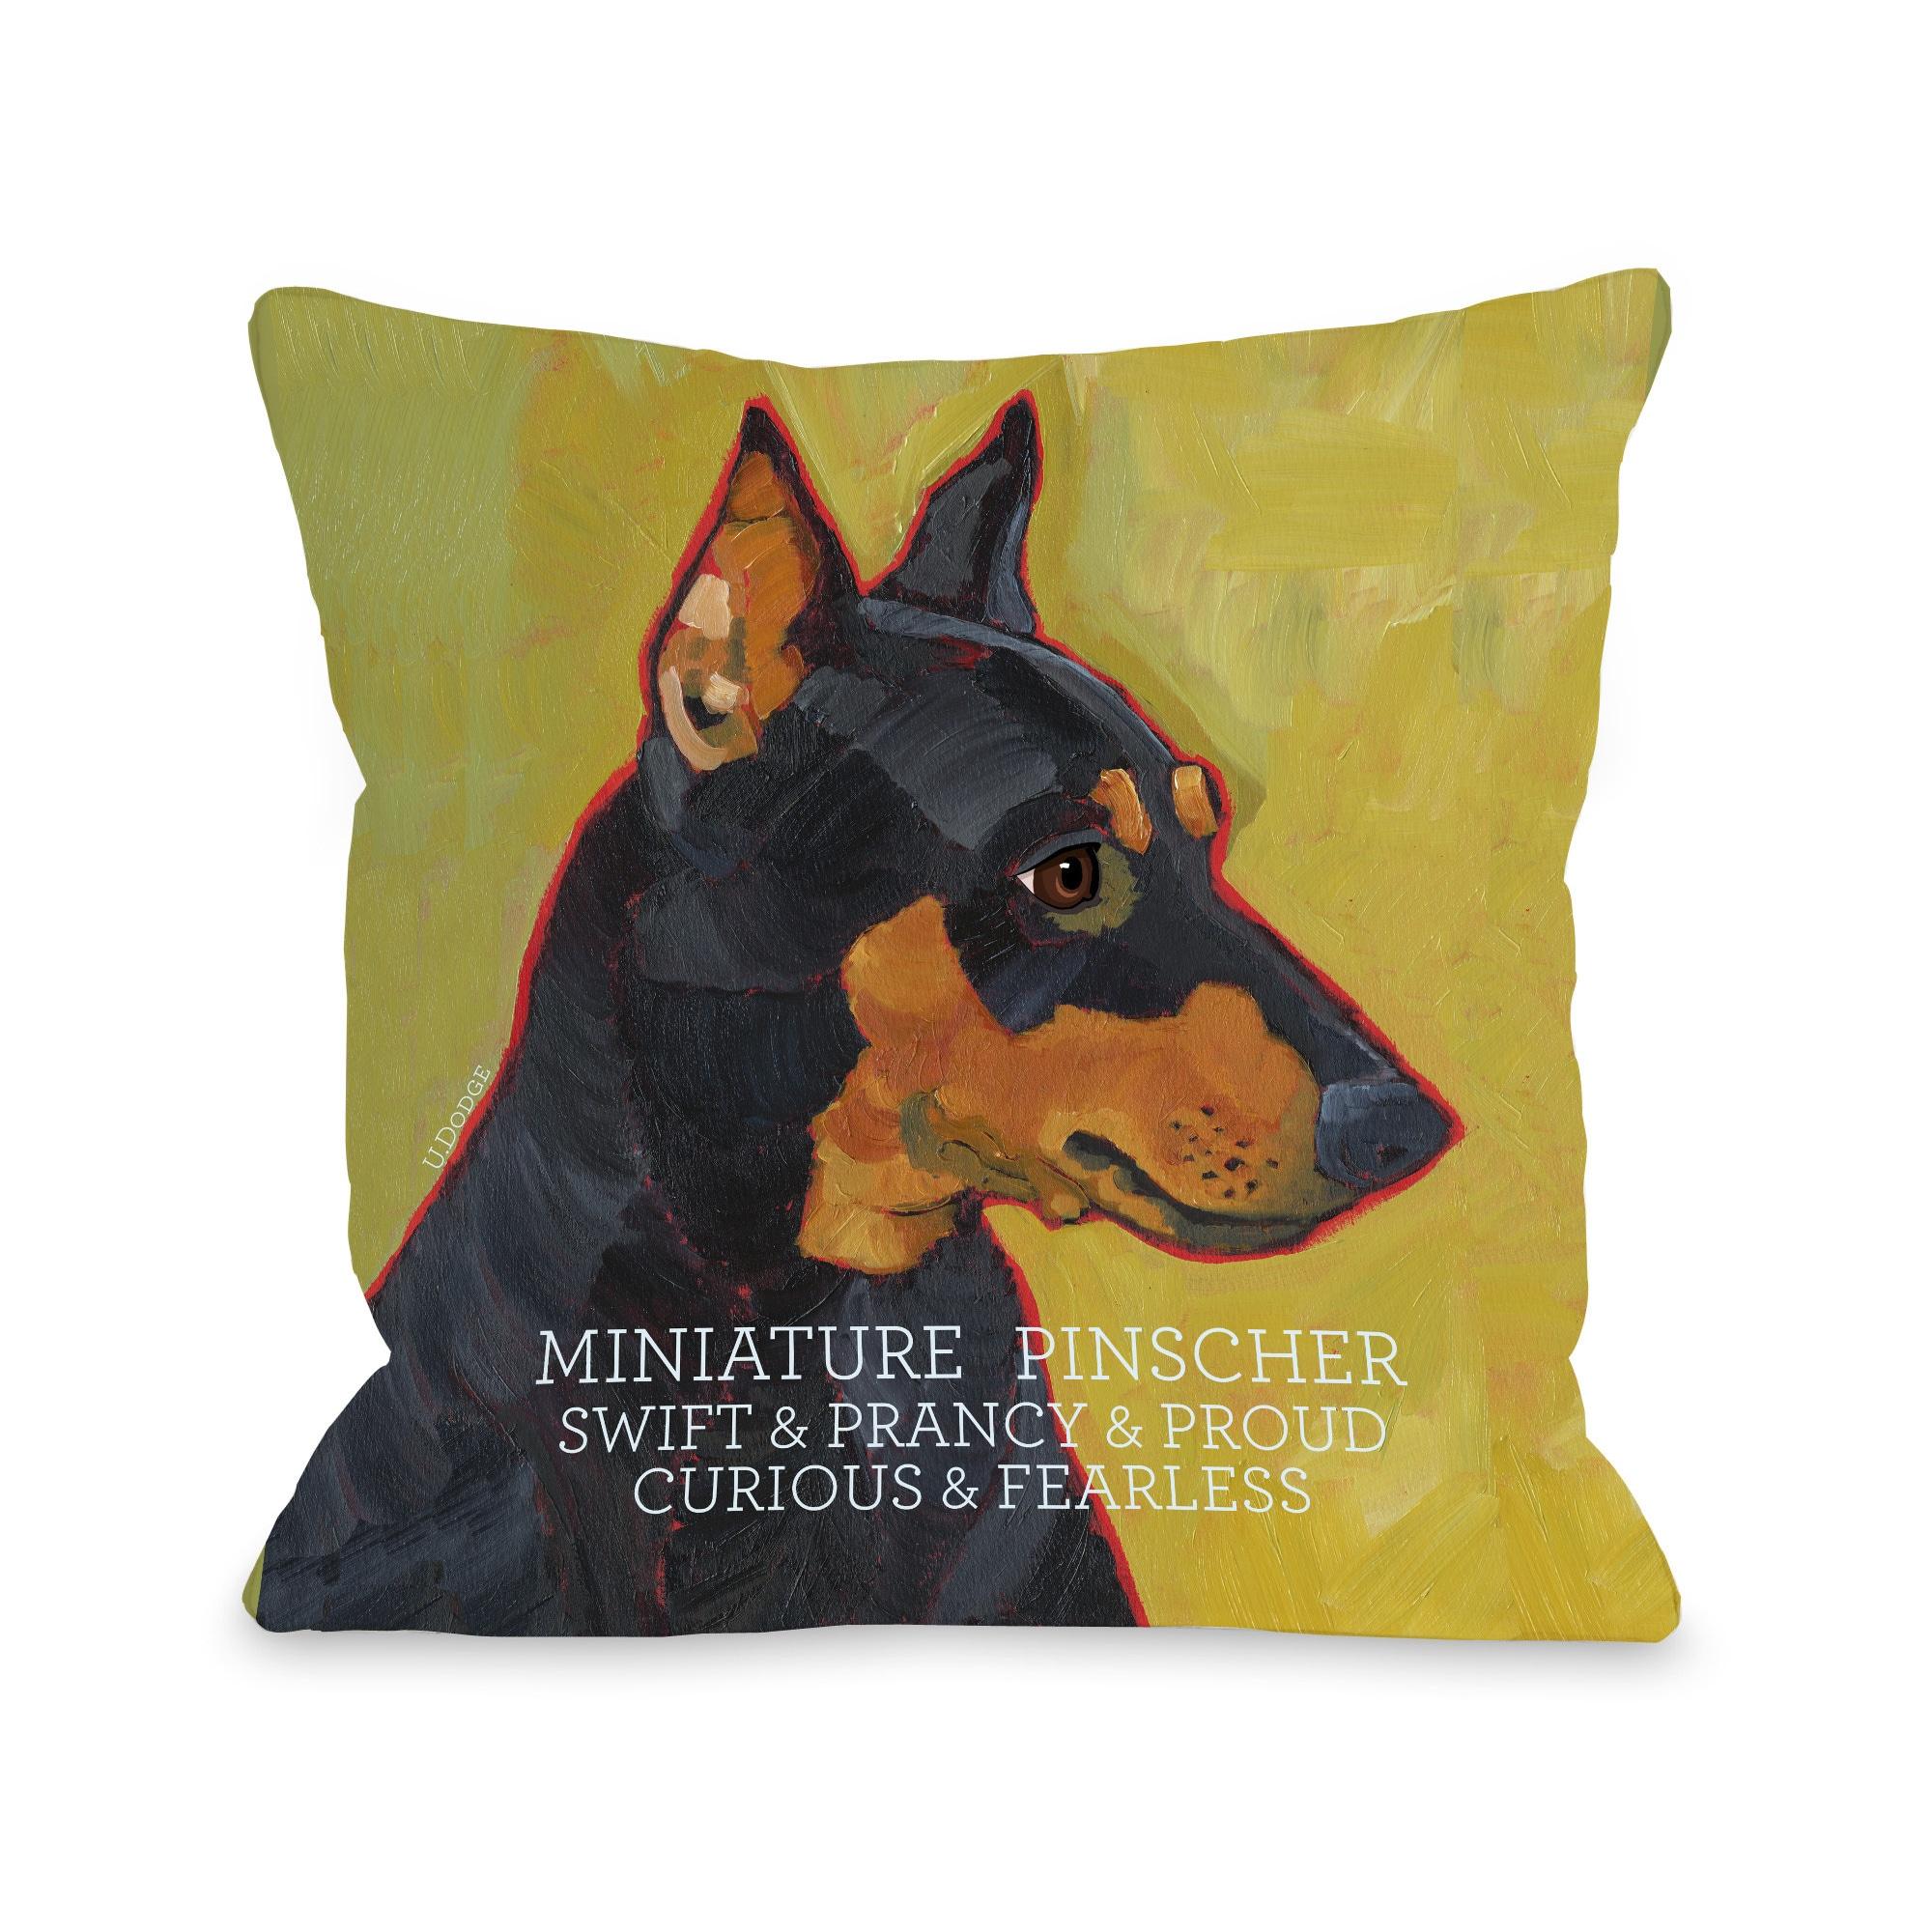 Miniature Pinscher Throw Pillow (18 x 18 Pillow), Multi (...